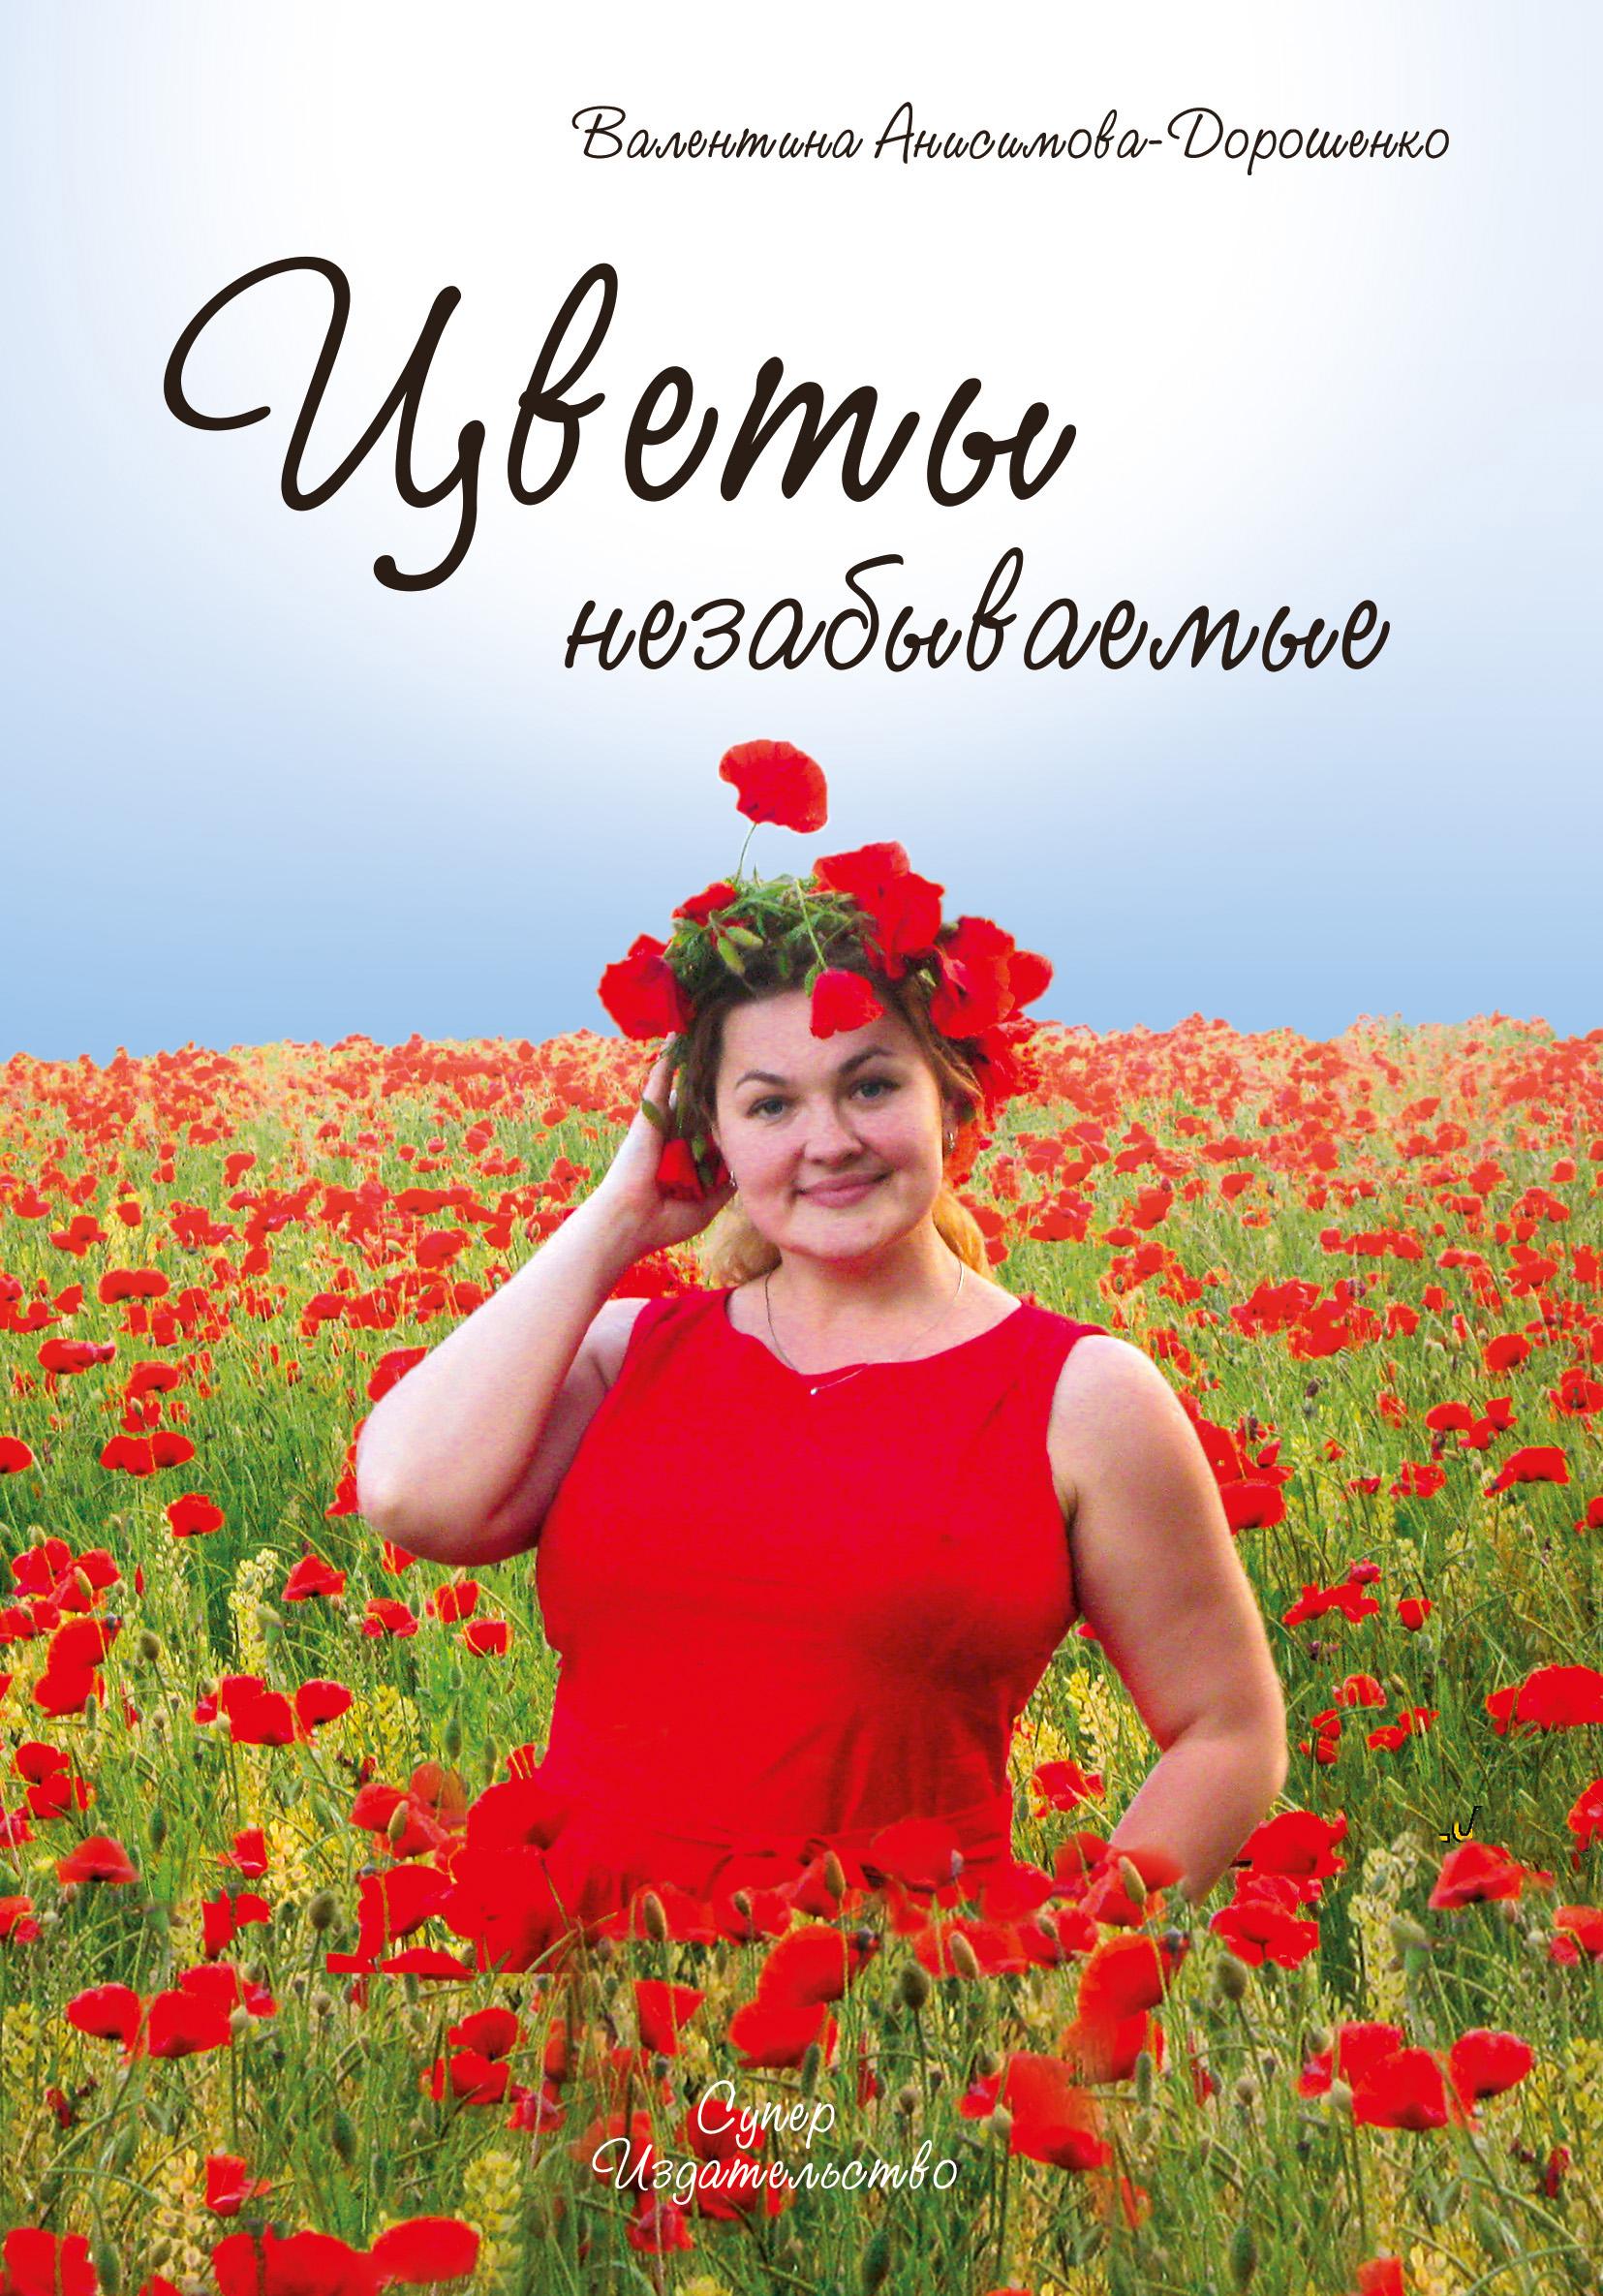 Валентина Анисимова-Дорошенко Цветы незабываемые (сборник)